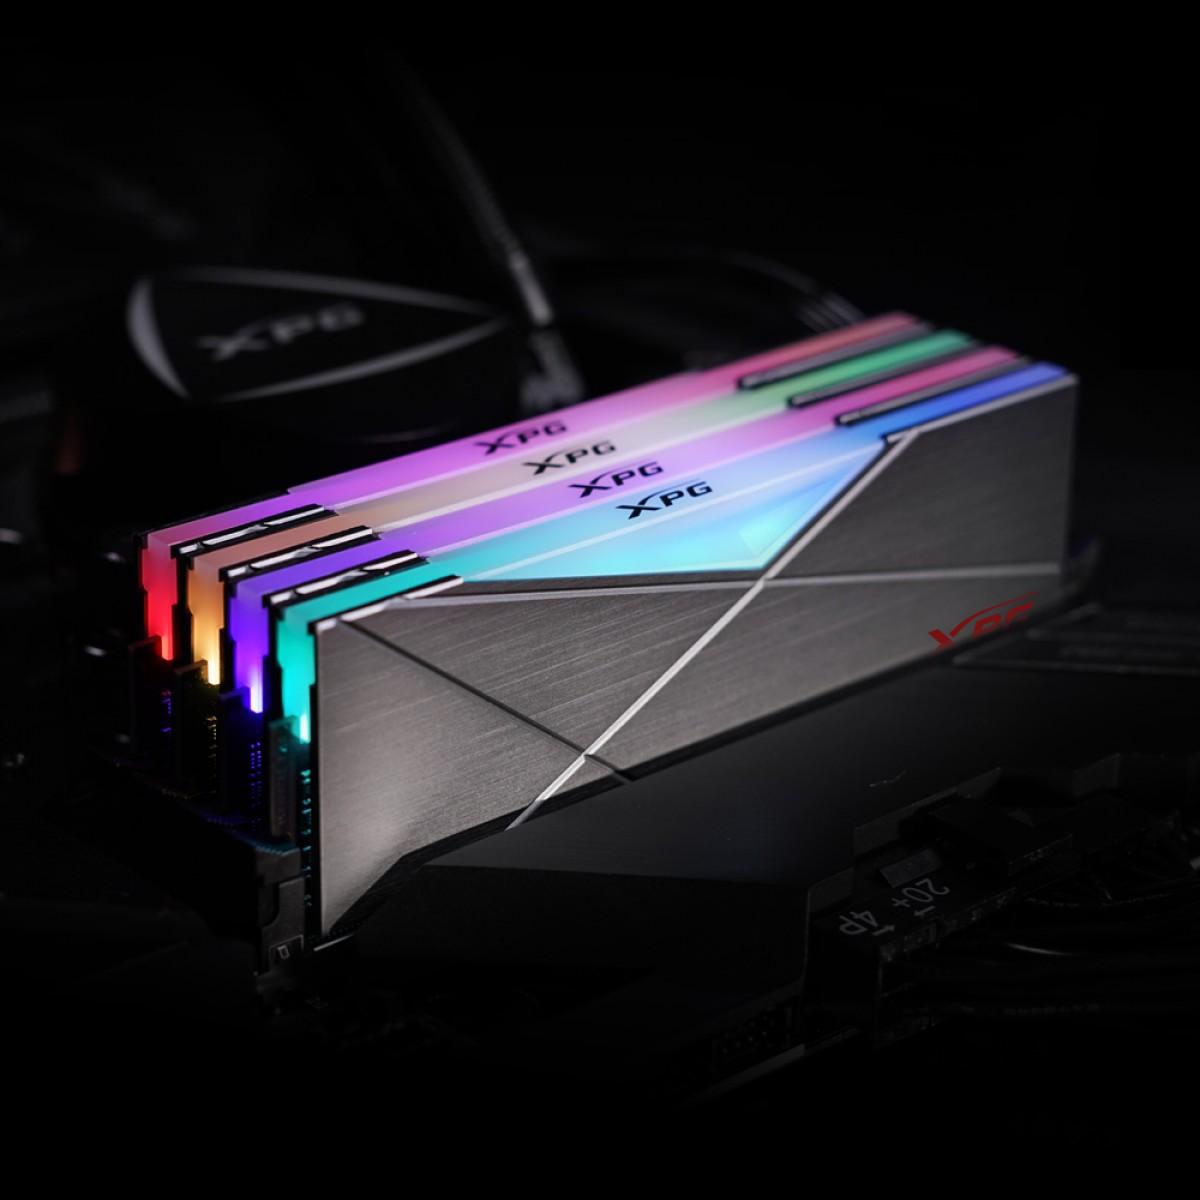 Memória DDR4 XPG Spectrix D50, 16GB (2x8GB), 3200Mhz, CL16, RGB, Gray, AX4U32008G16A-DT50